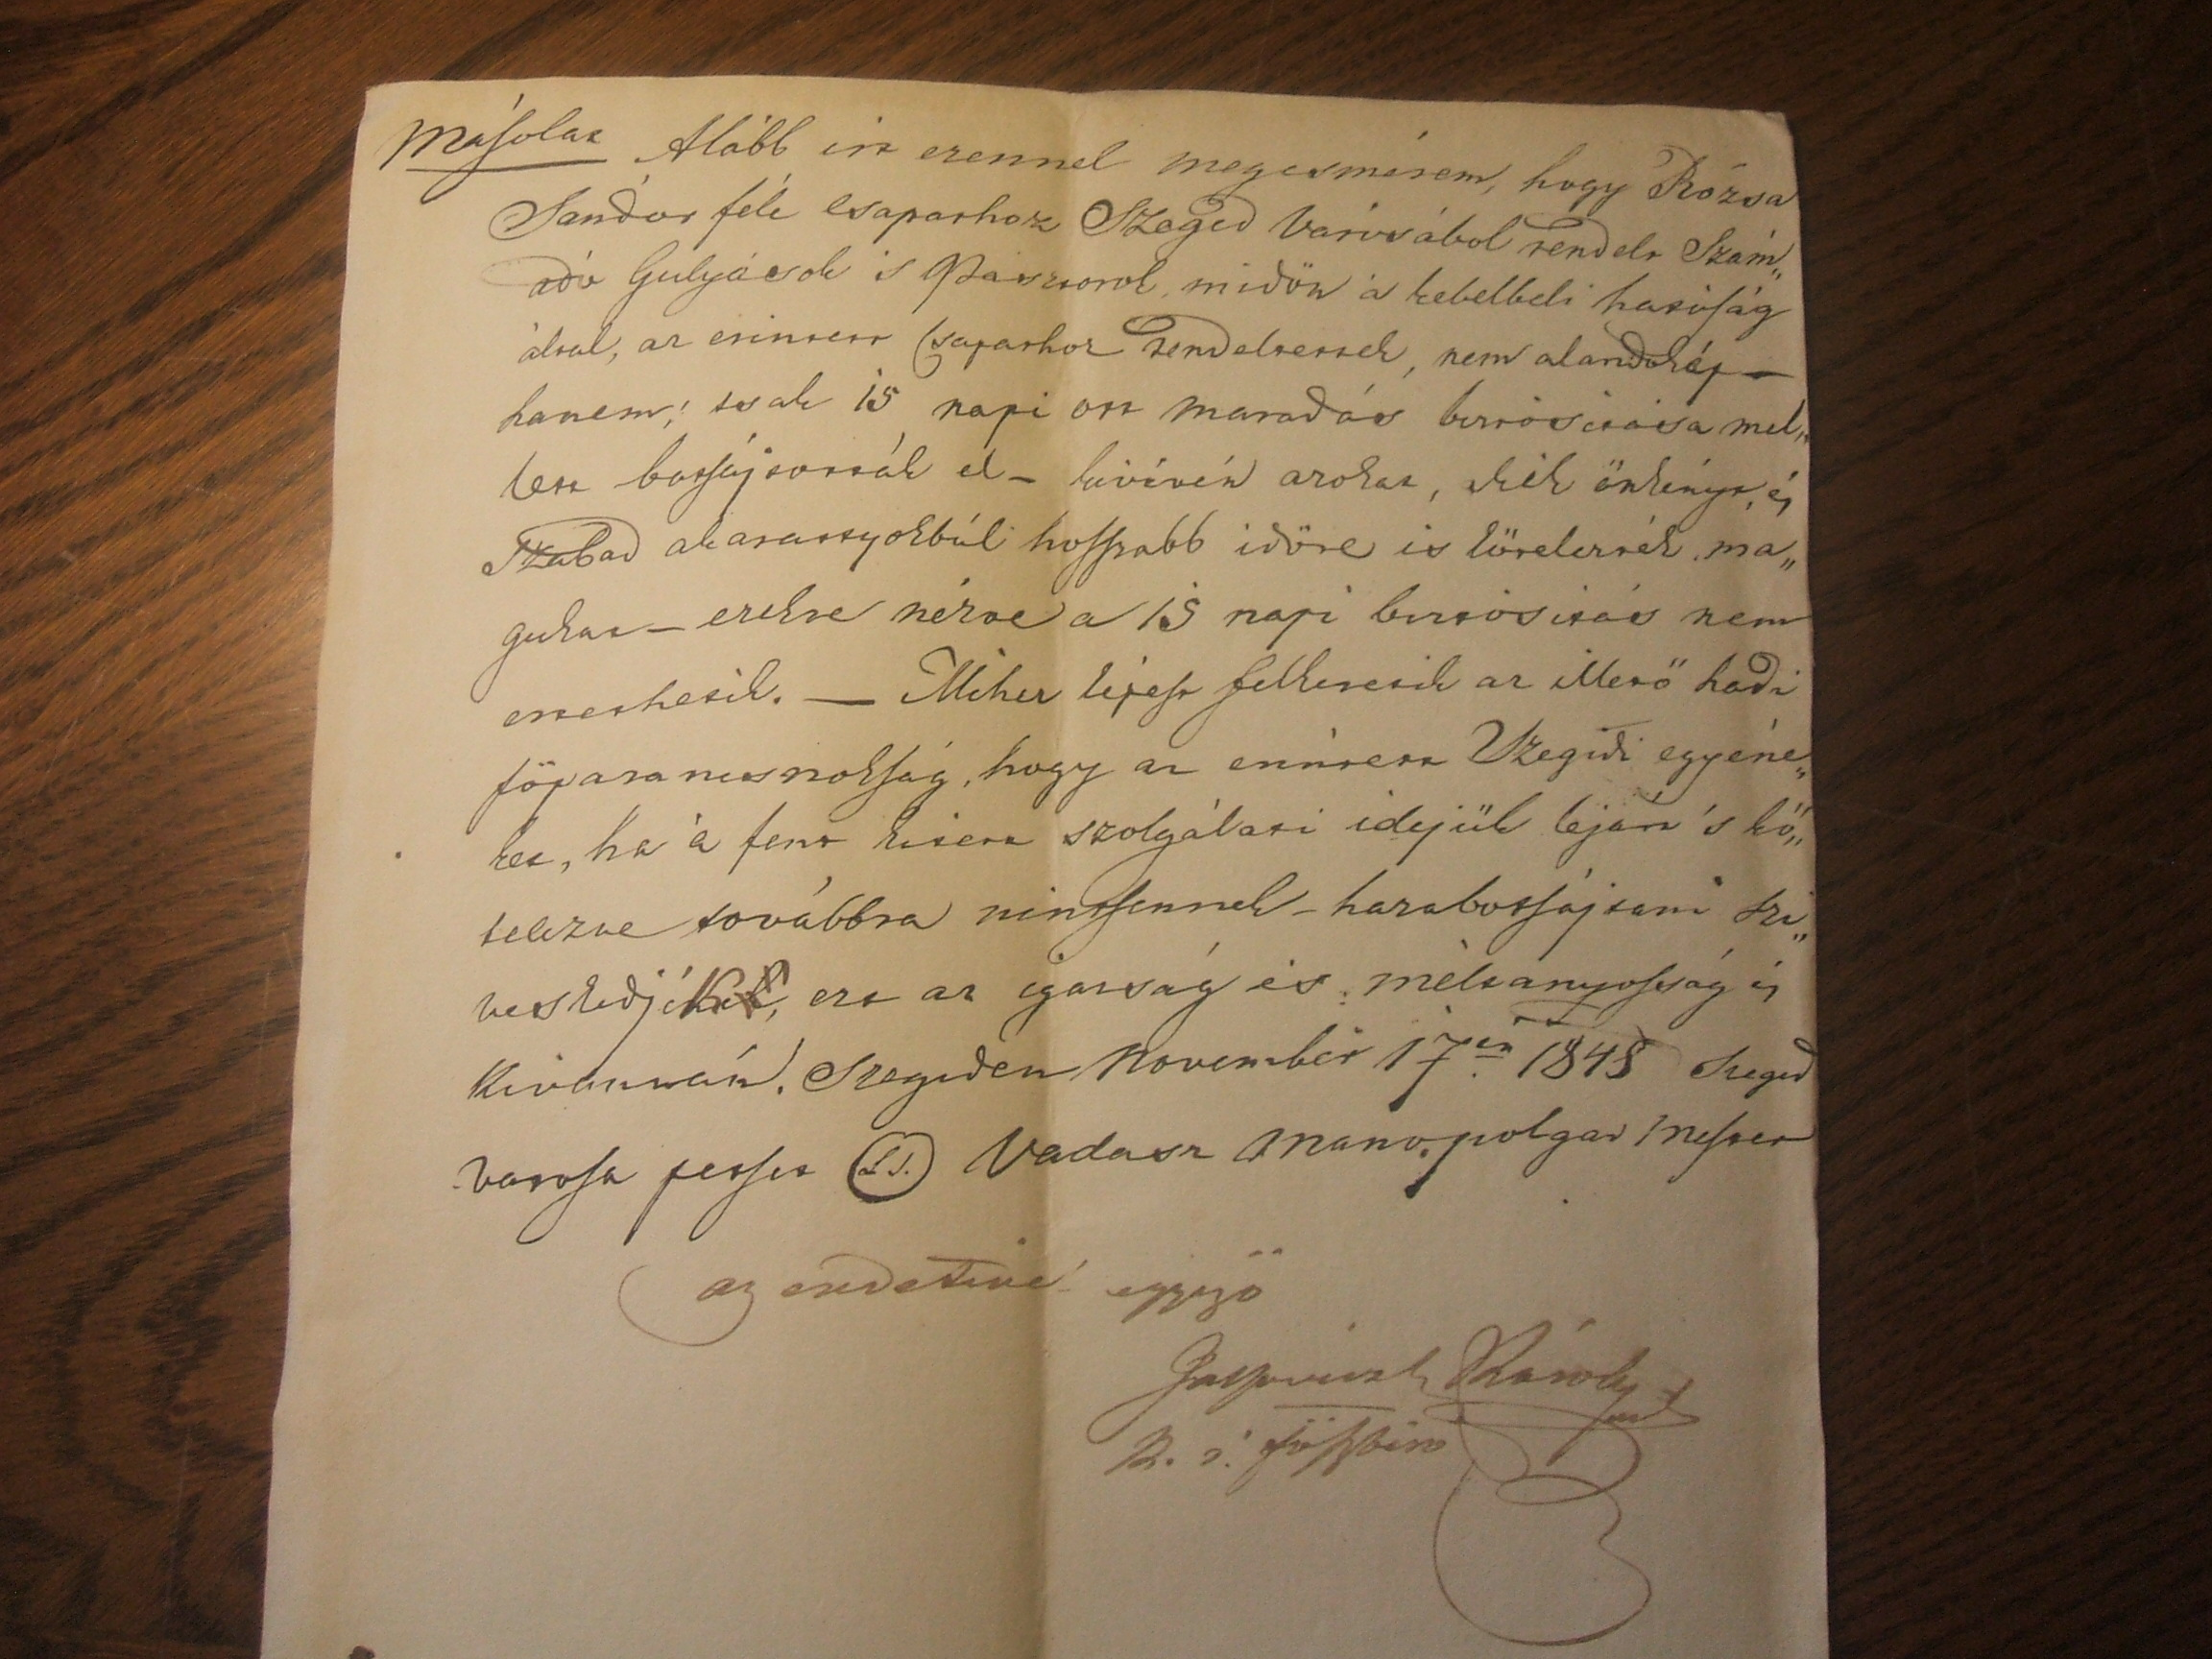 Vadász Manó szegedi polgármester levele a Rózsa-lovasok közé rendelt gulyások és pásztorok hazaküldéséről (Szeged, 1848. november 17.)